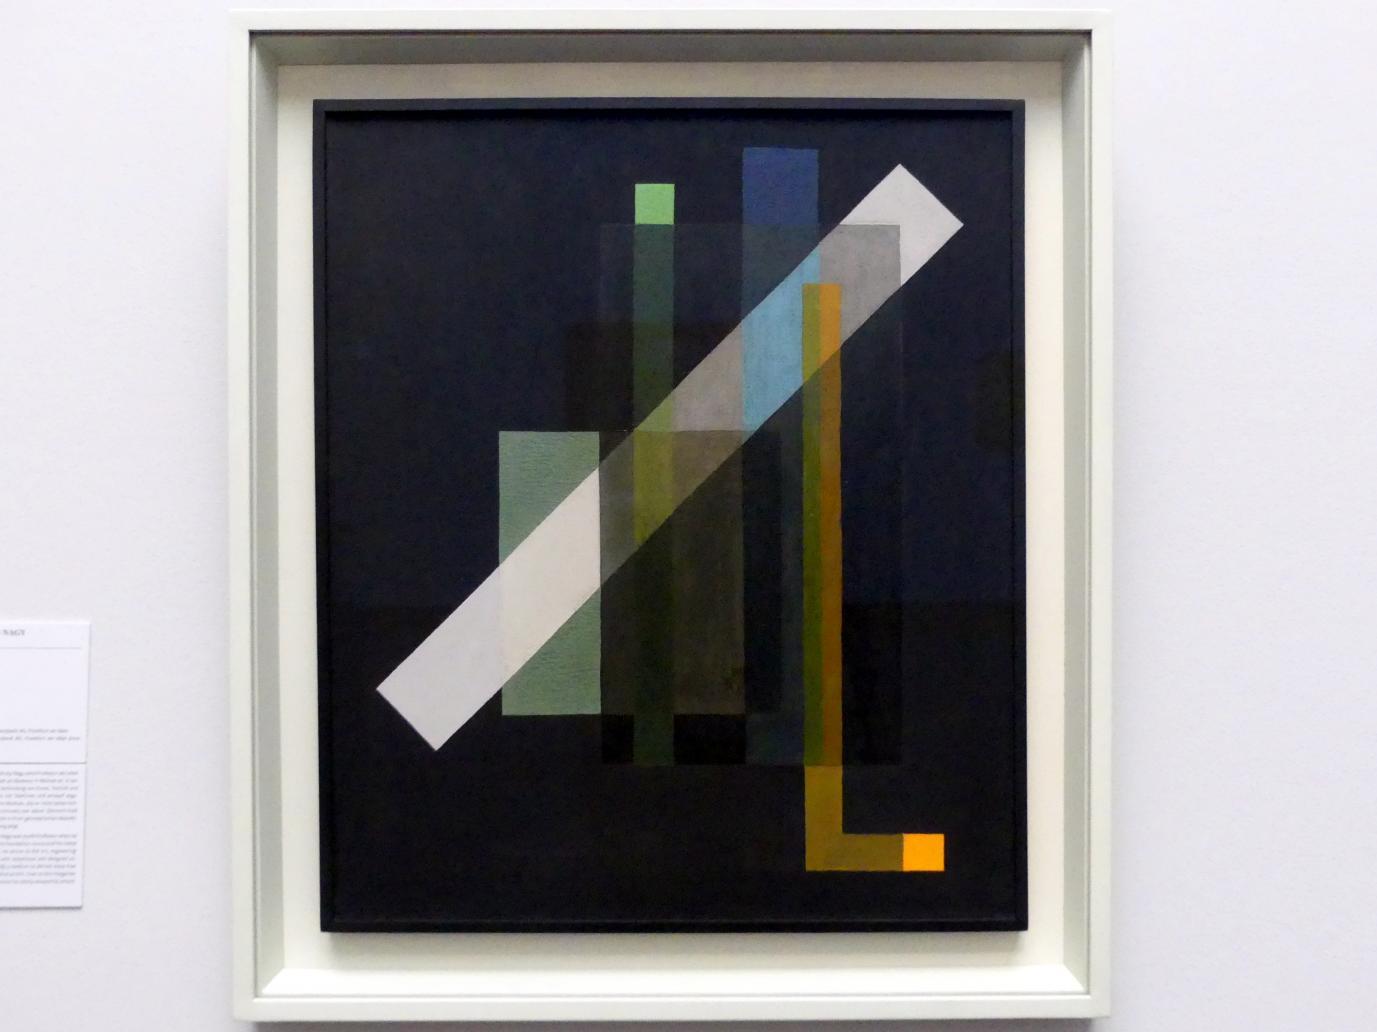 László Moholy-Nagy: Konstruktion, 1924